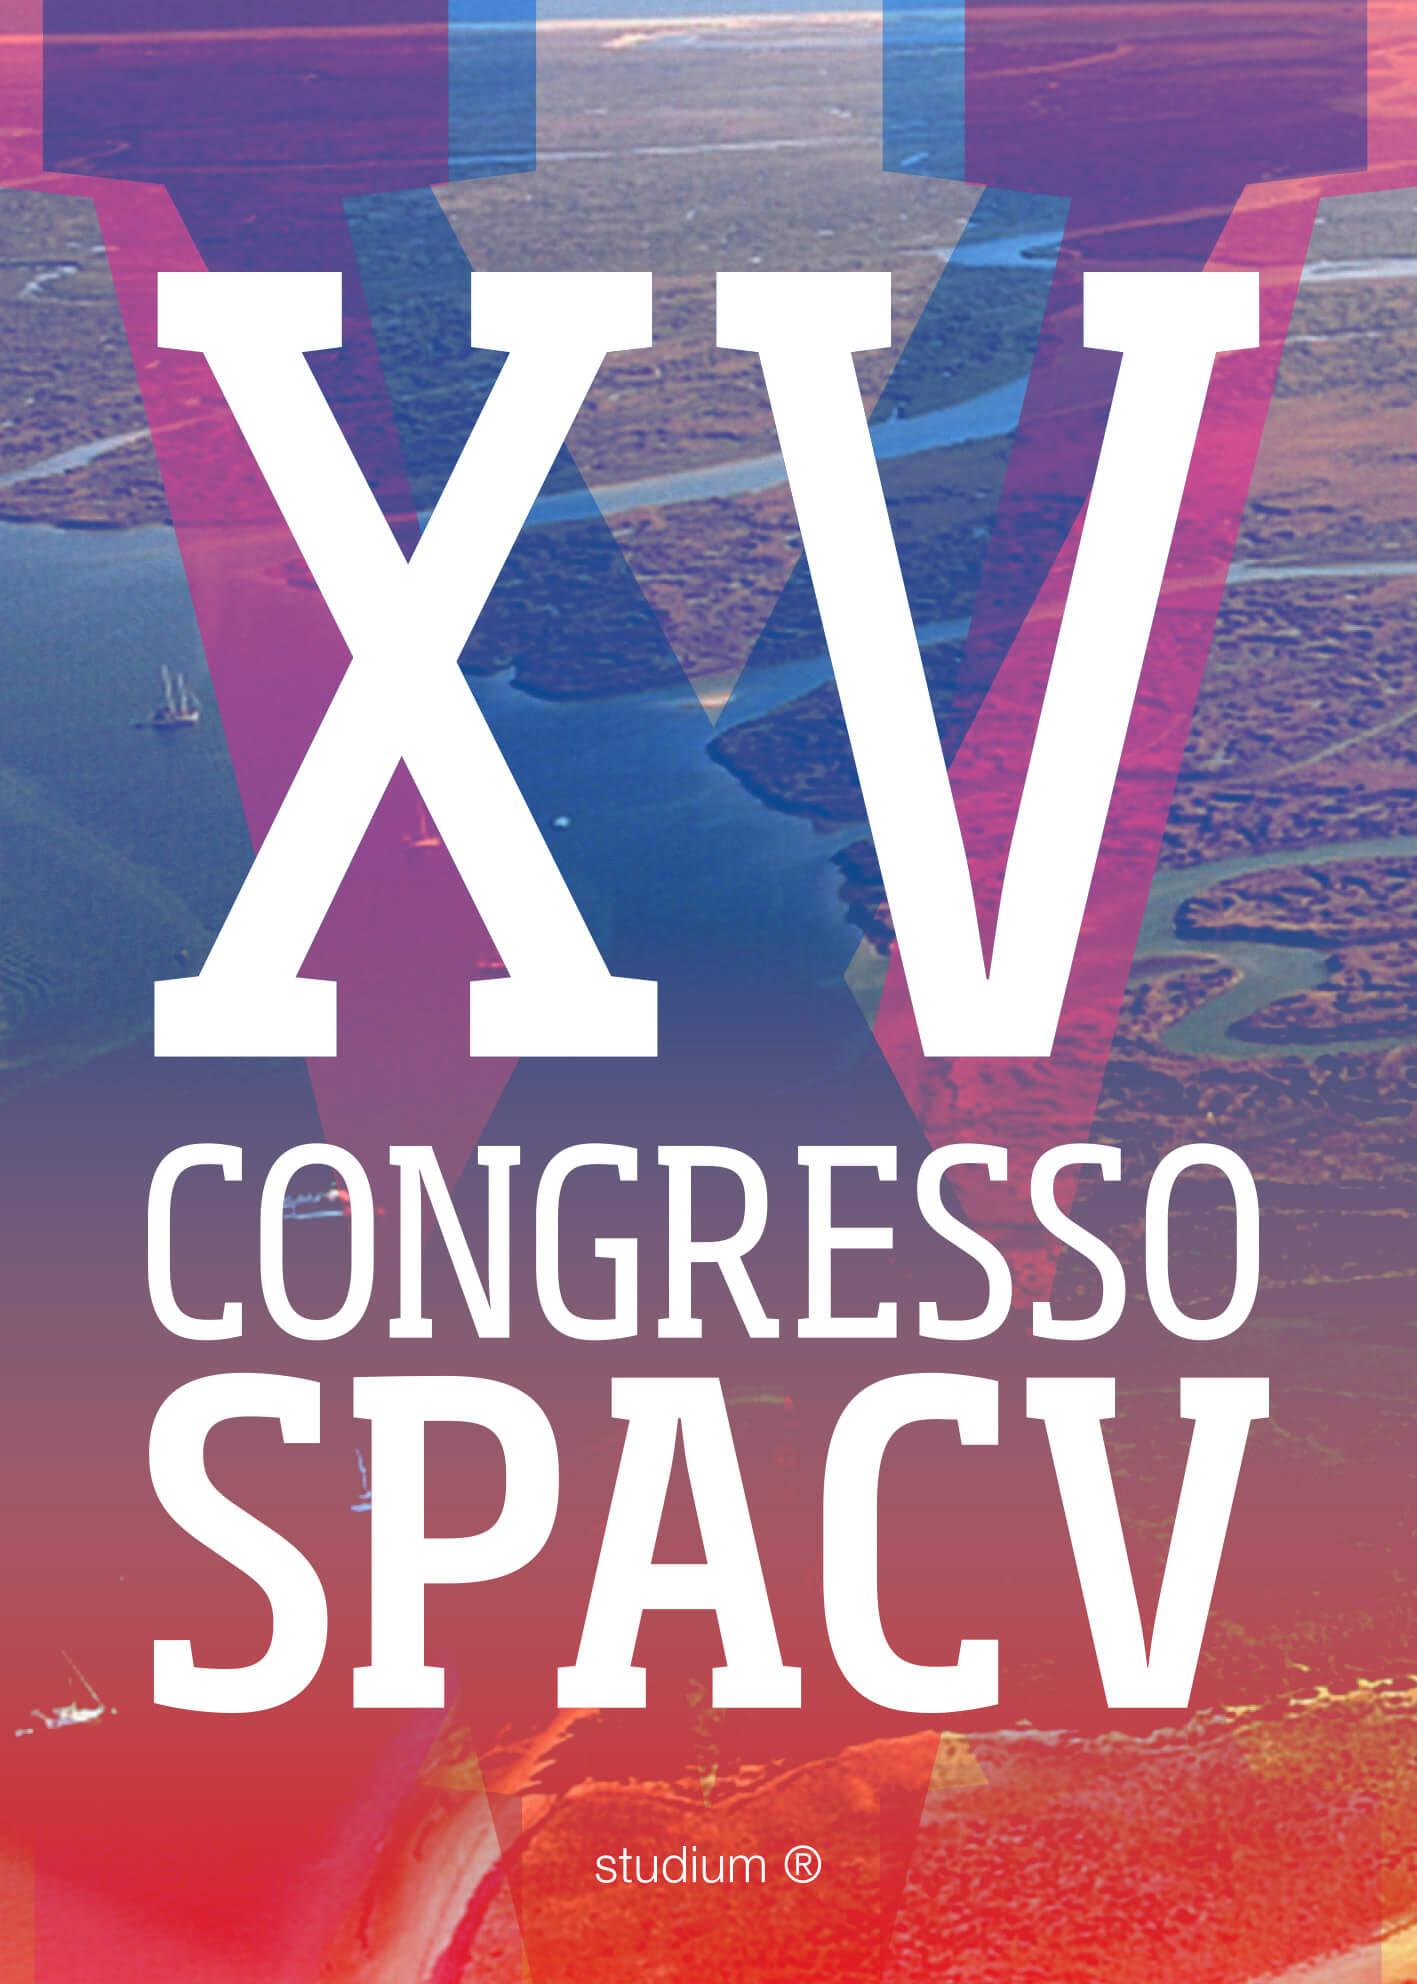 XV Congresso SPACV . comunicação